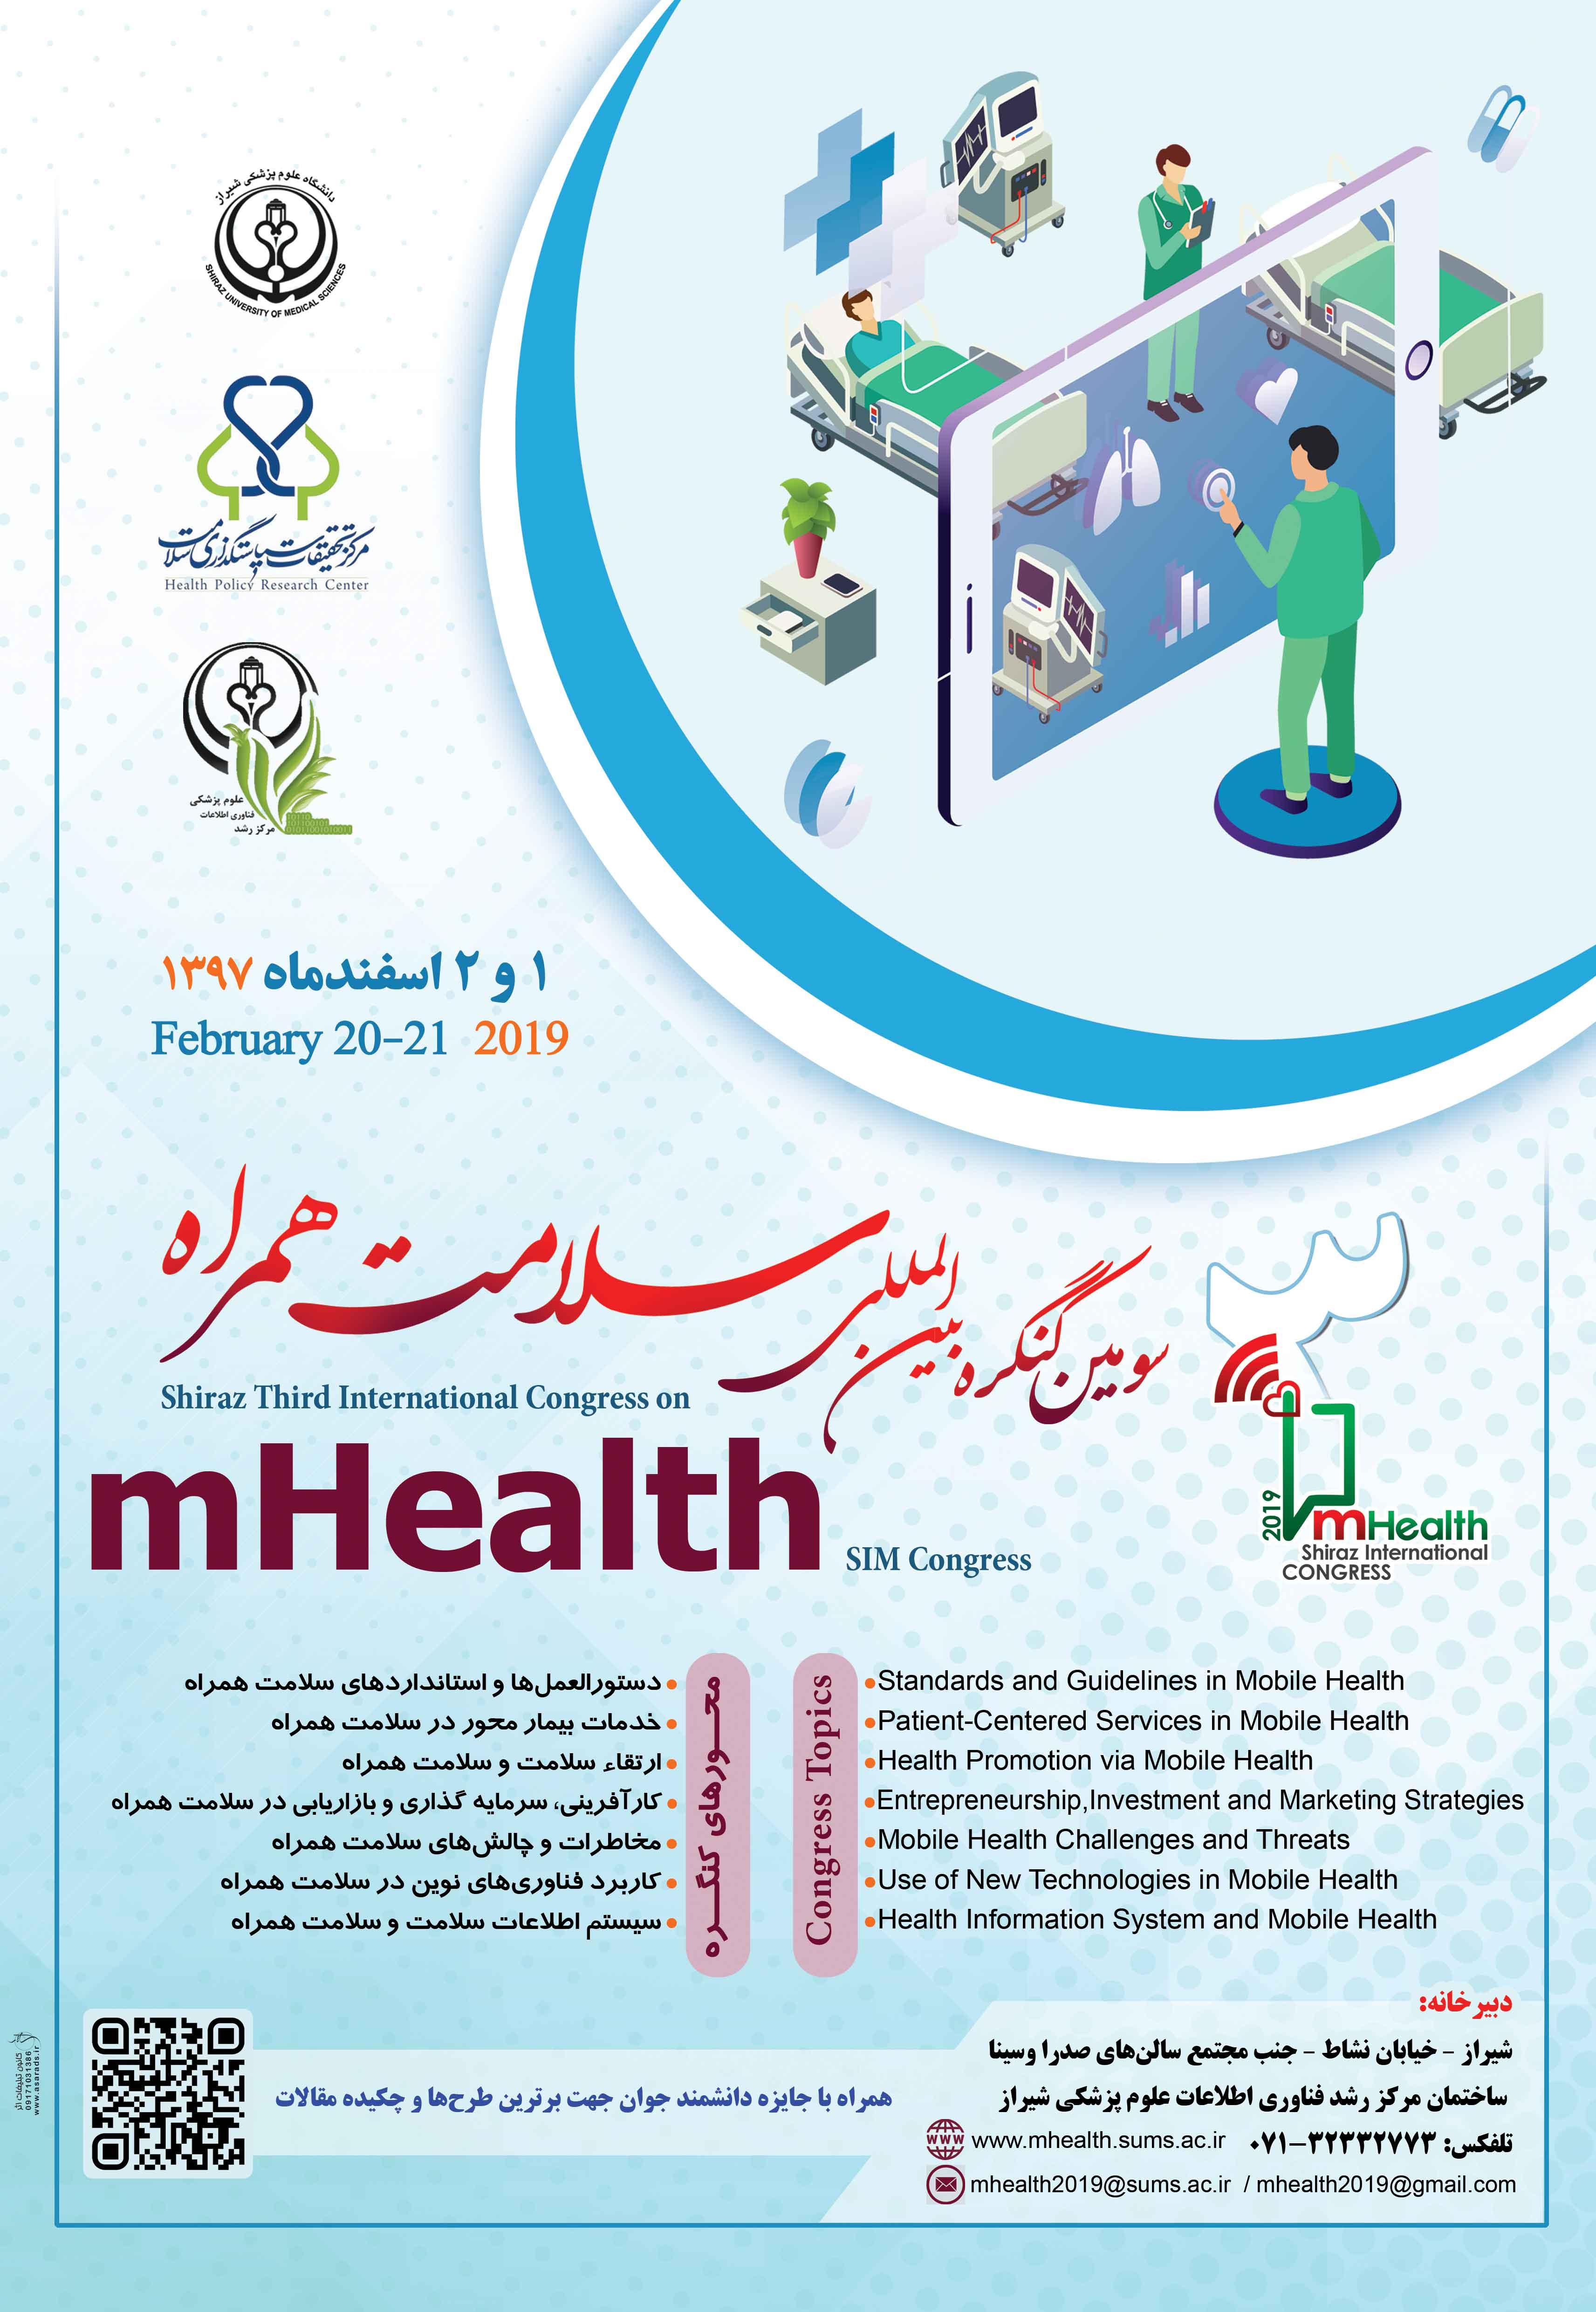 سومین کنگره بین المللی سلامت همراه شیراز